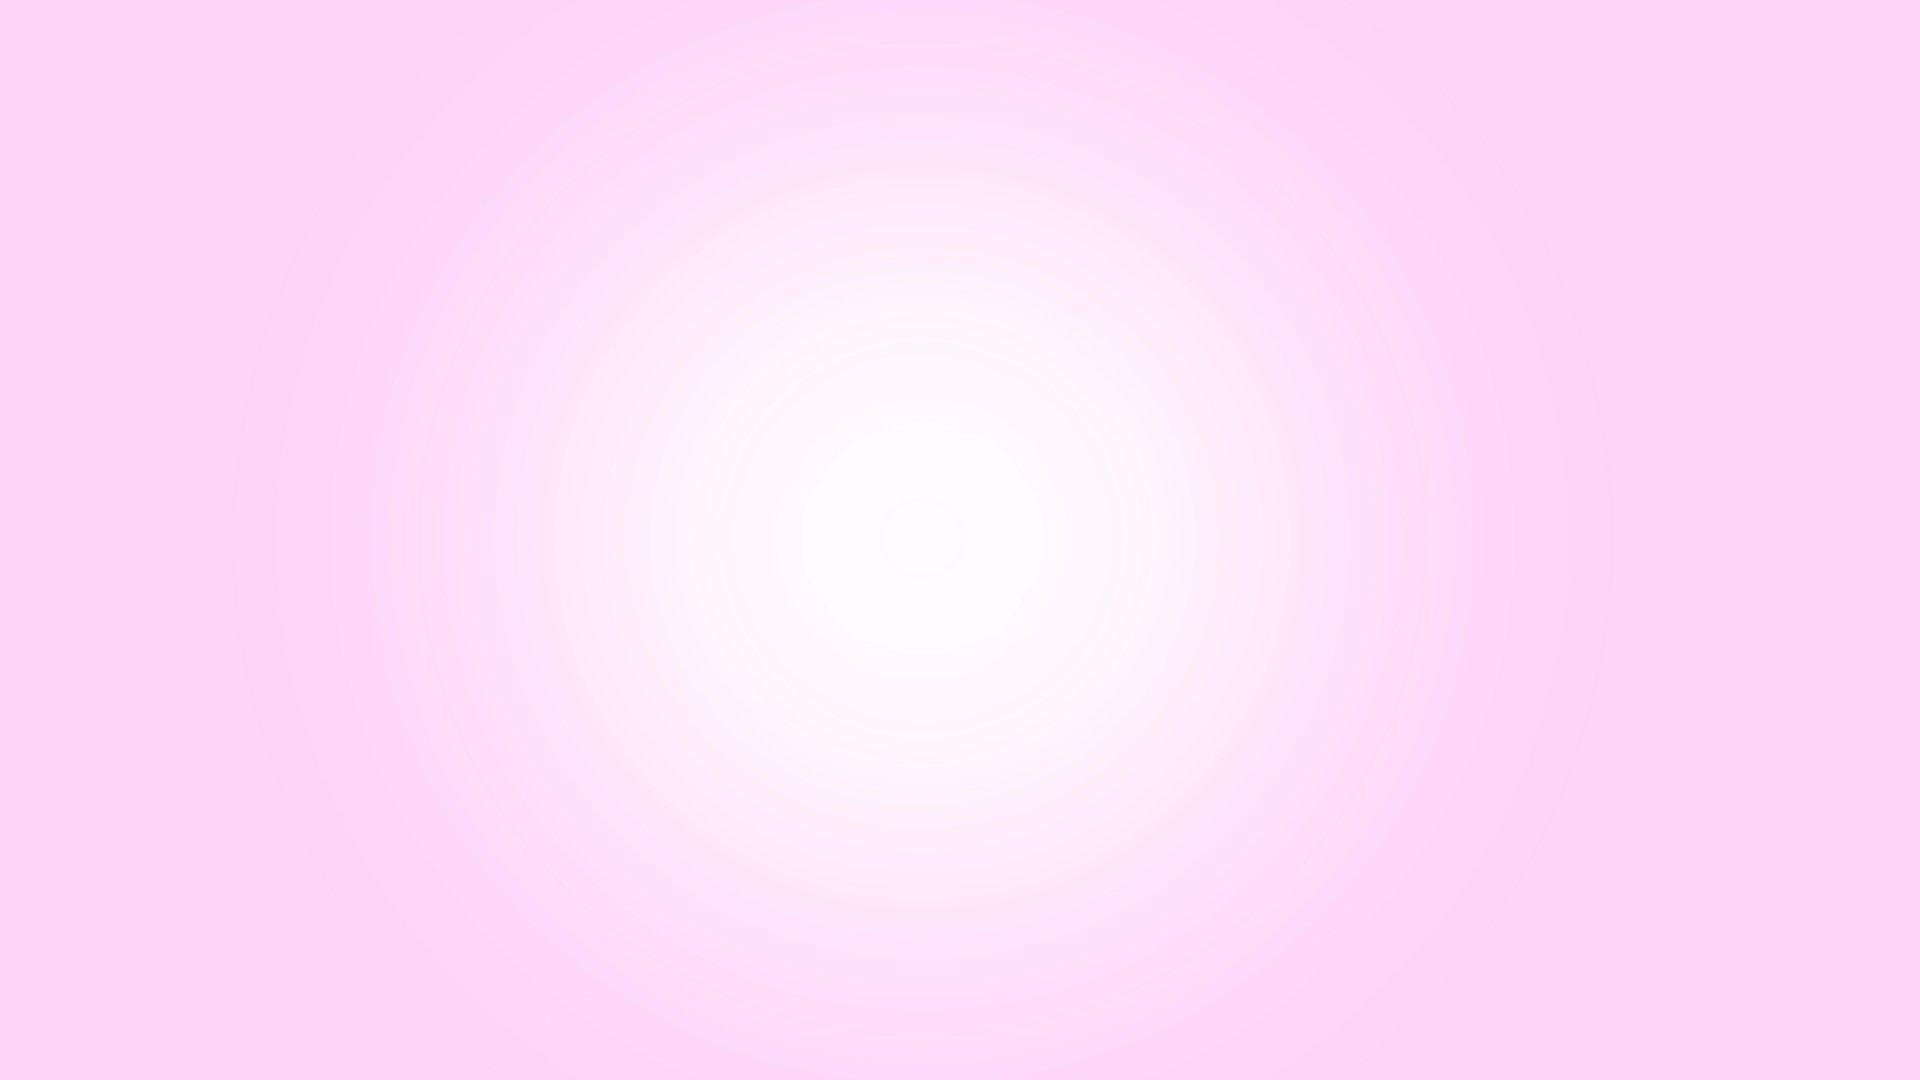 Pastel Pink Wallpaper 1920x1080